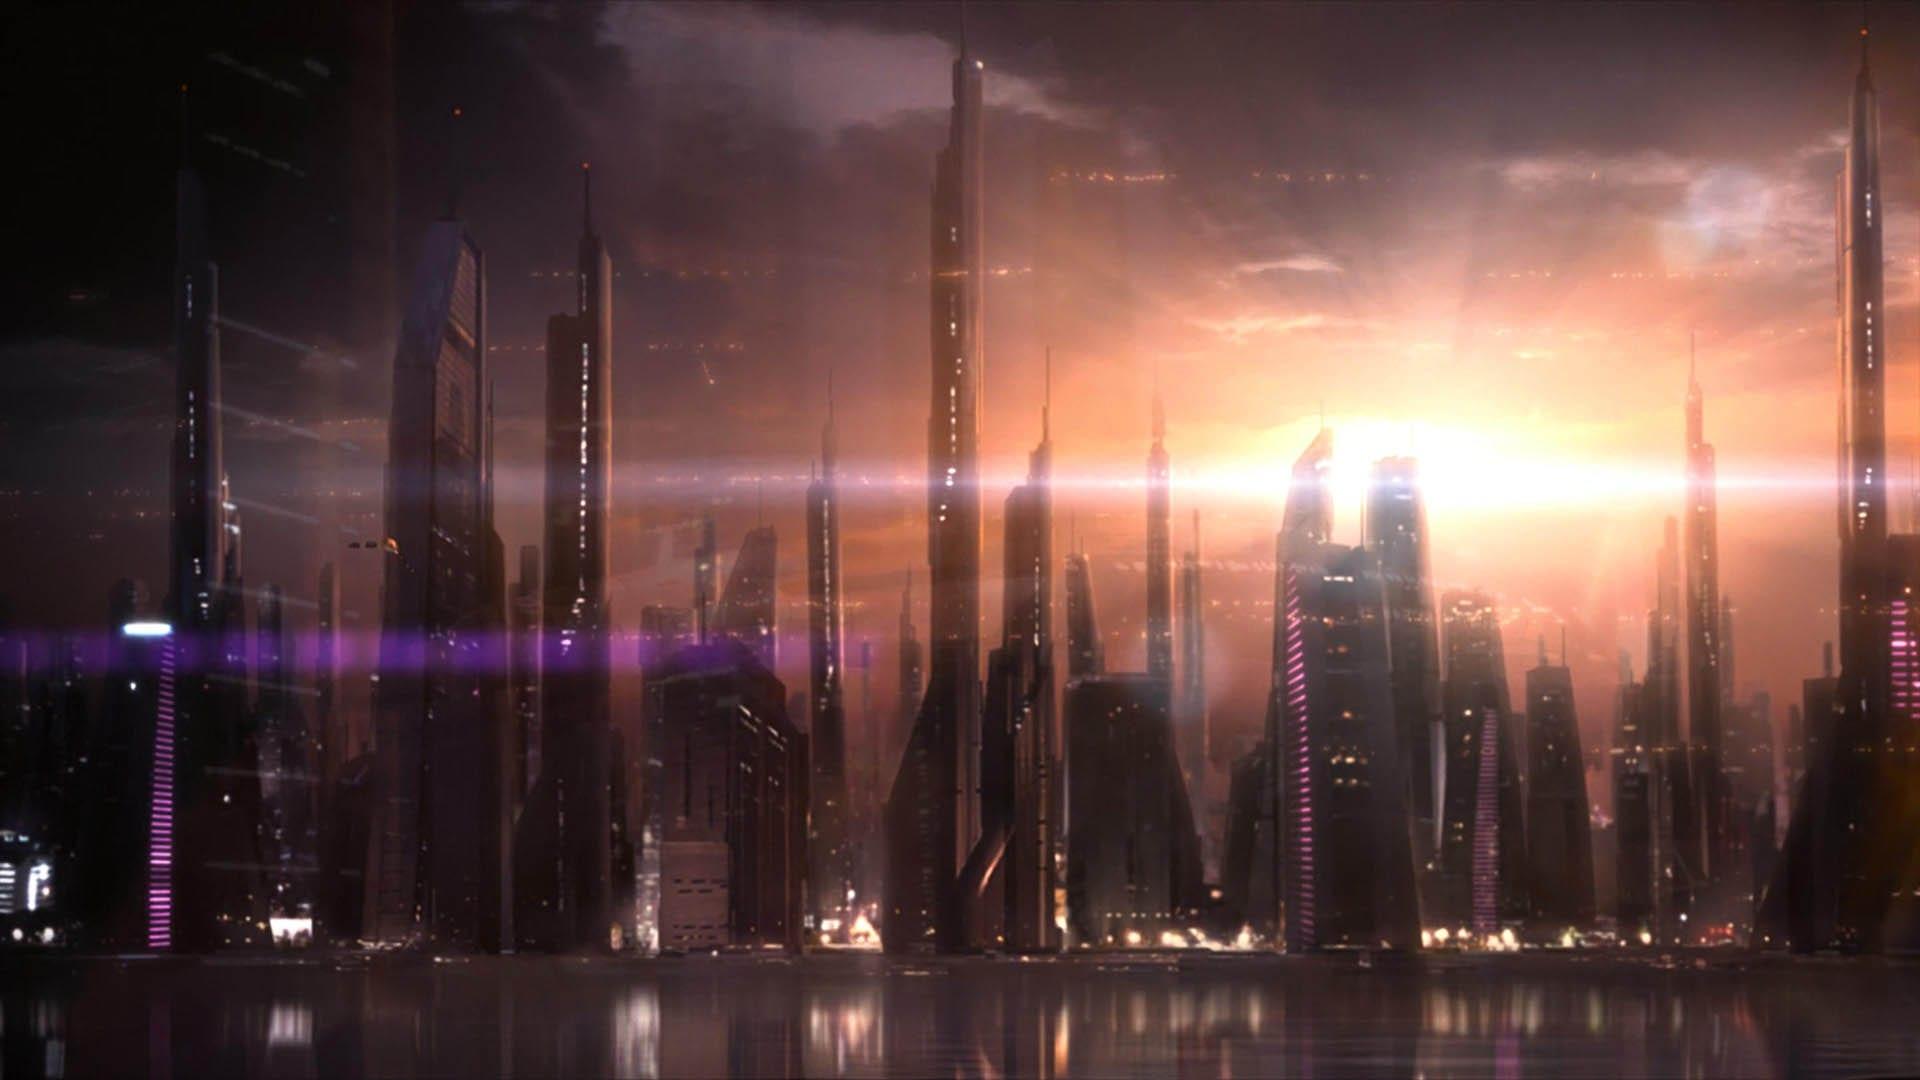 Illium in Mass Effect 2